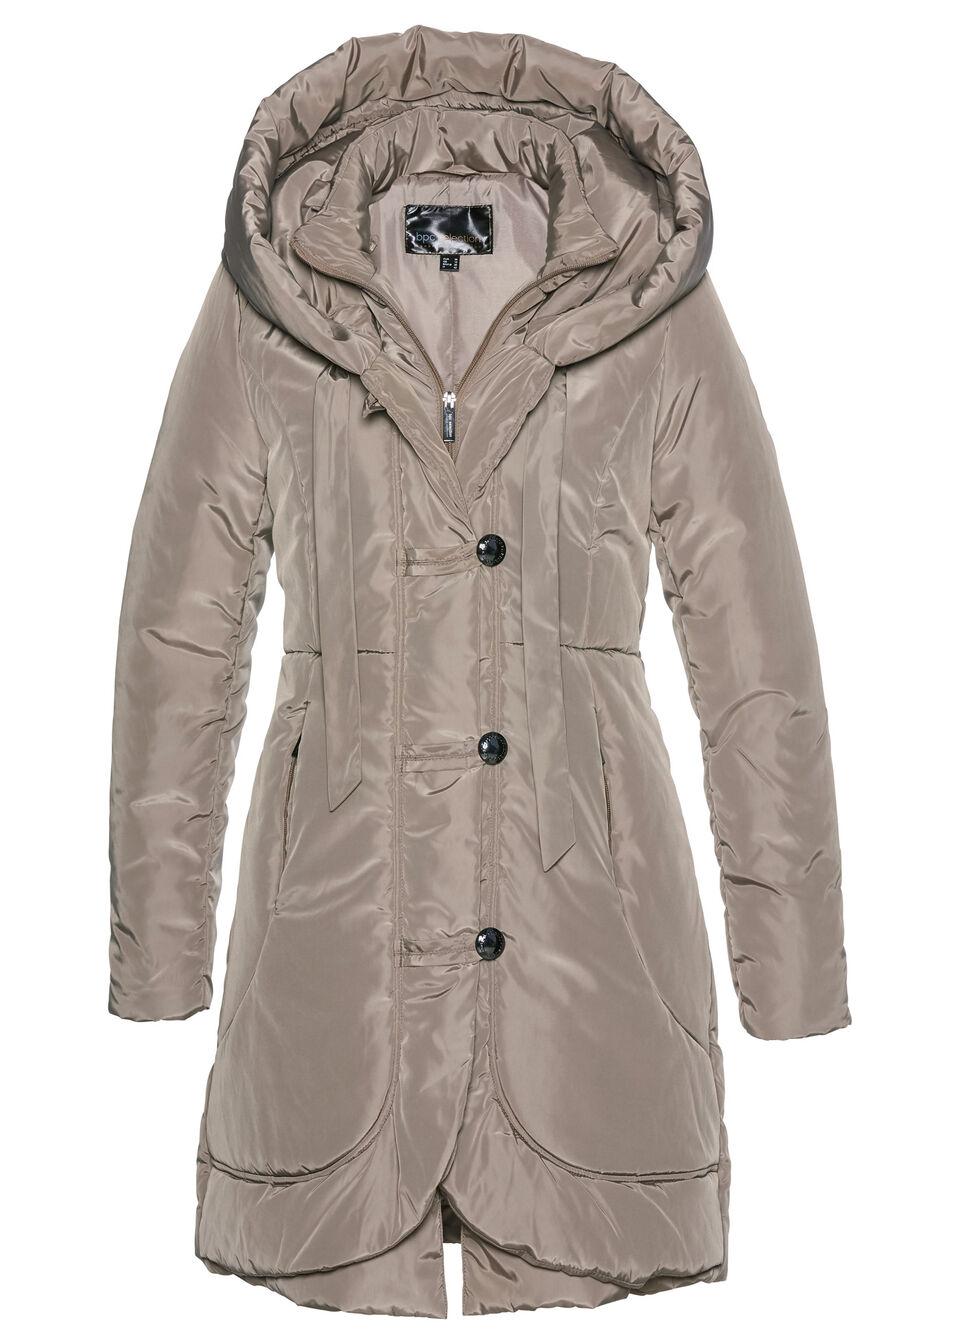 Купить Куртки и плащи, Полупальто стёганое, bonprix, серо-коричневый